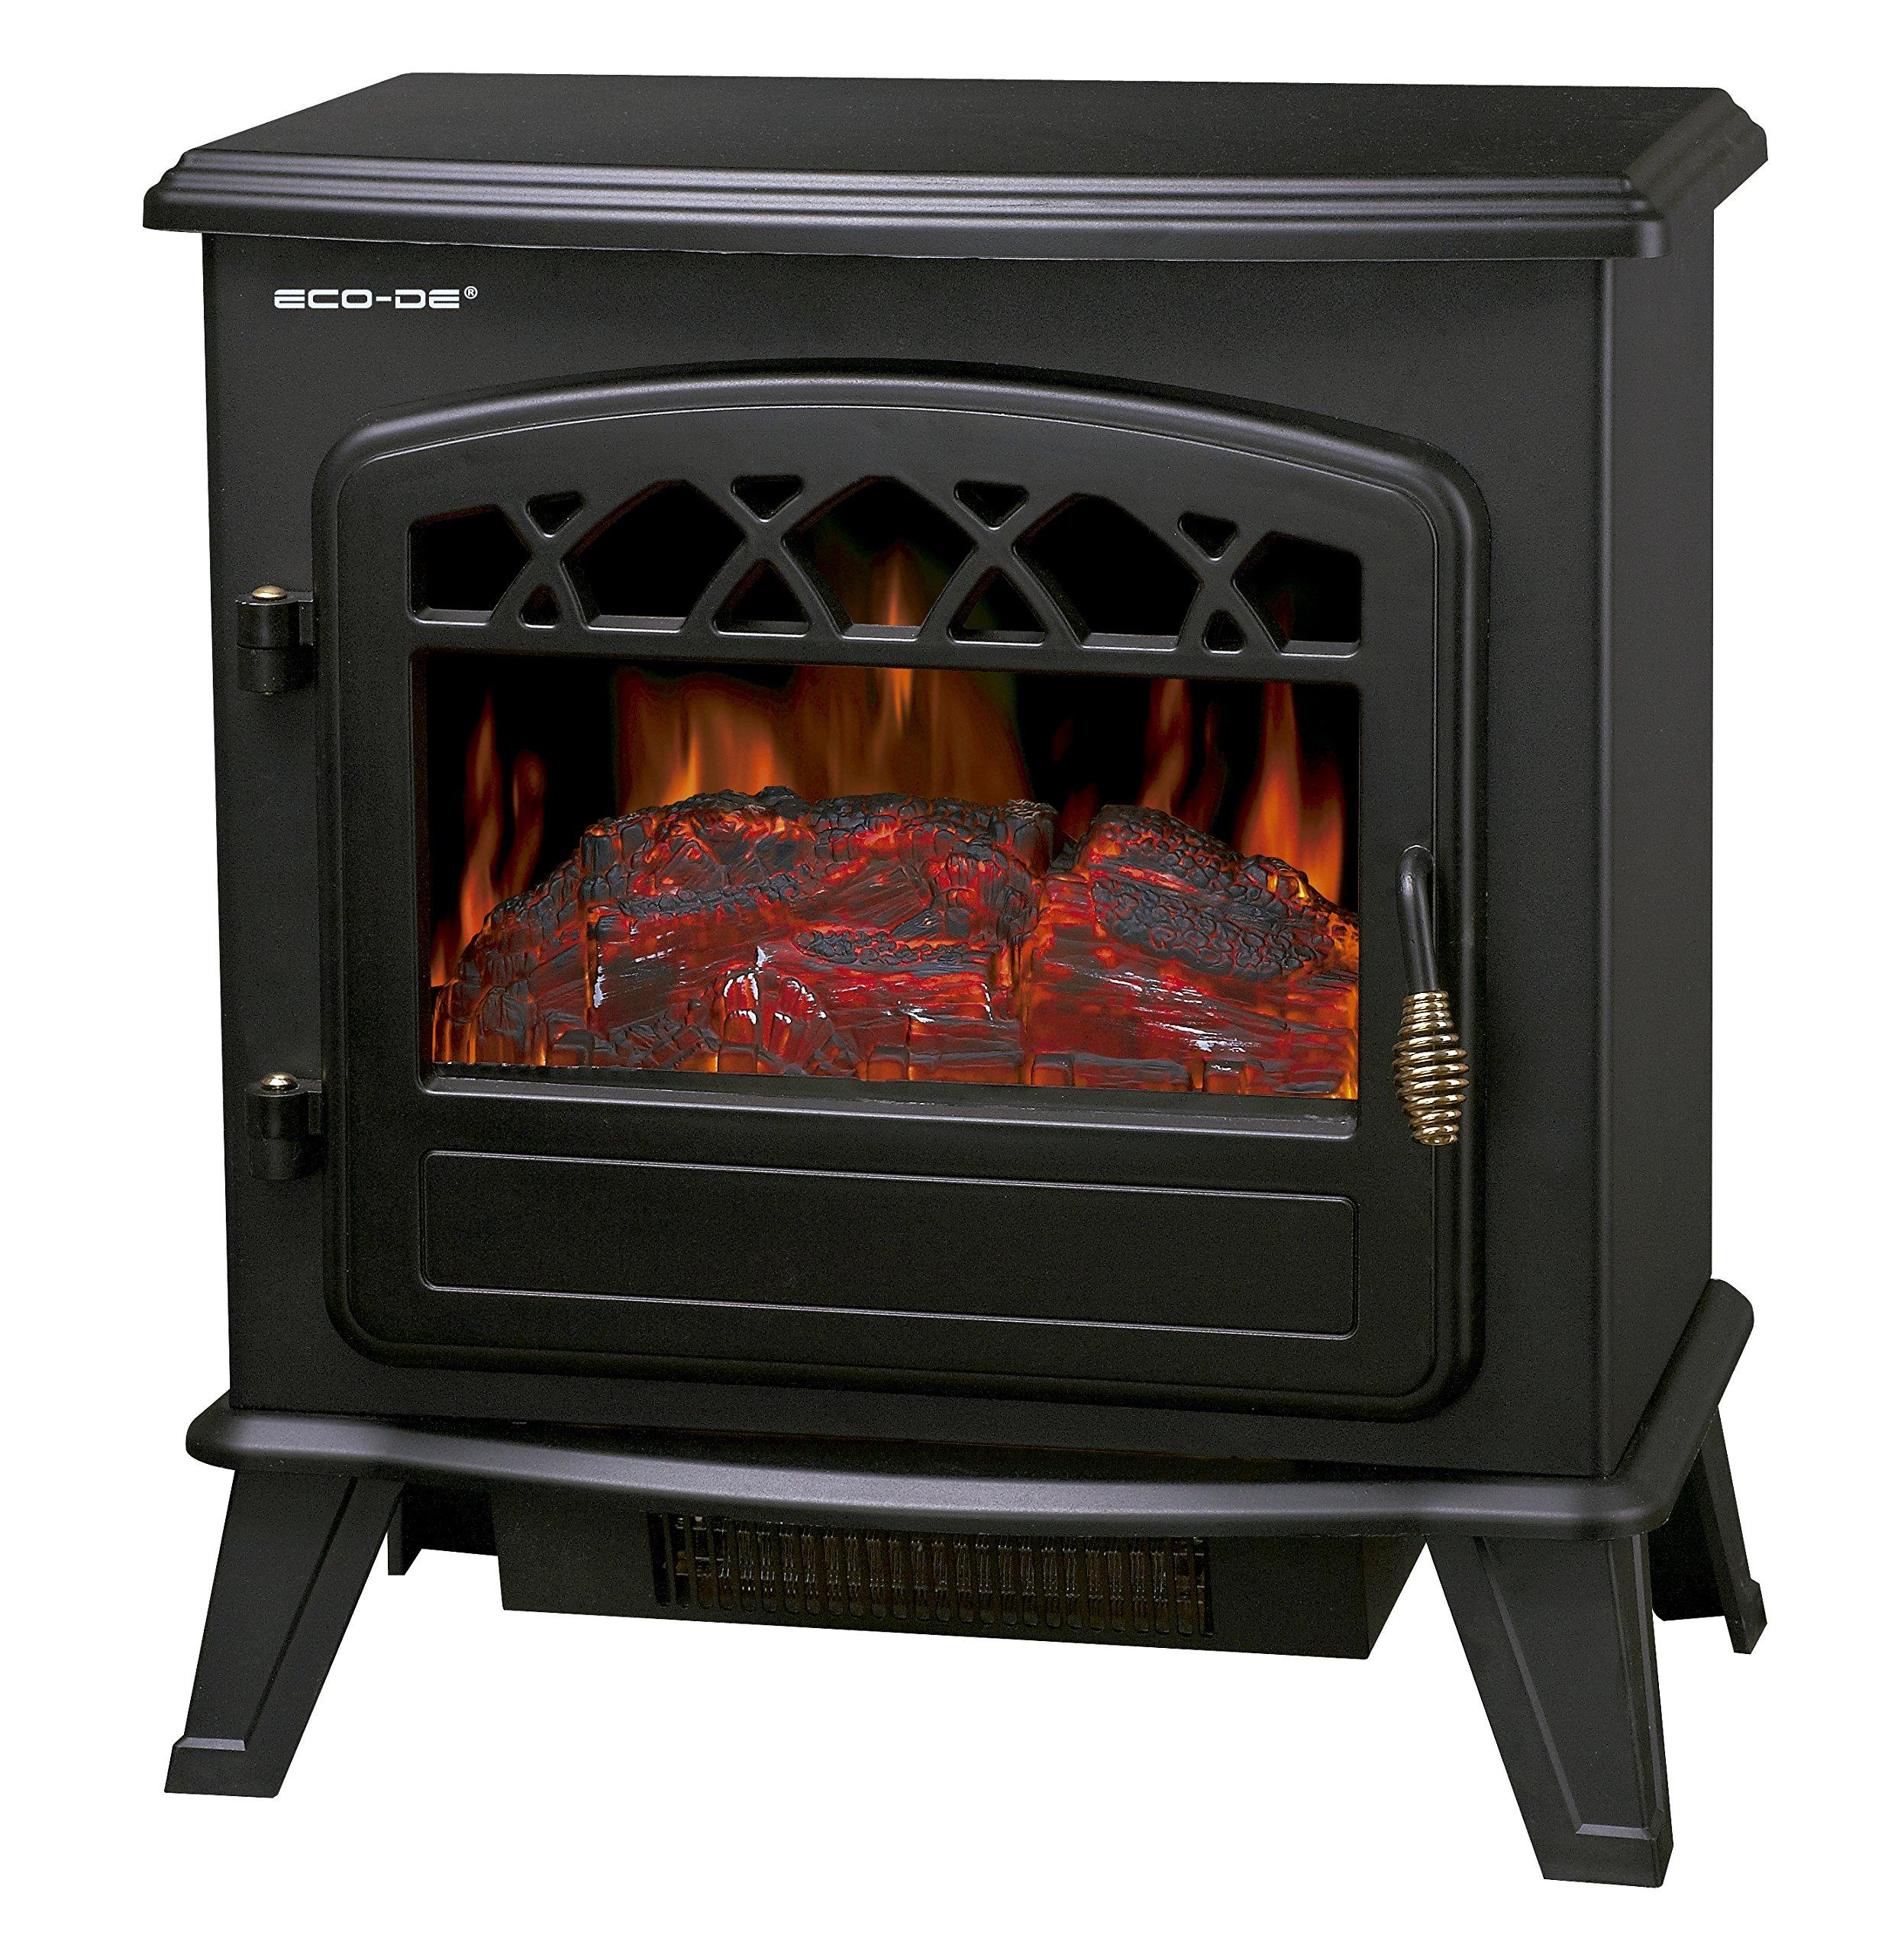 ECO-DE Chimenea eléctrica, Calefactor de 1800 W con termostato Ajustable, con leña